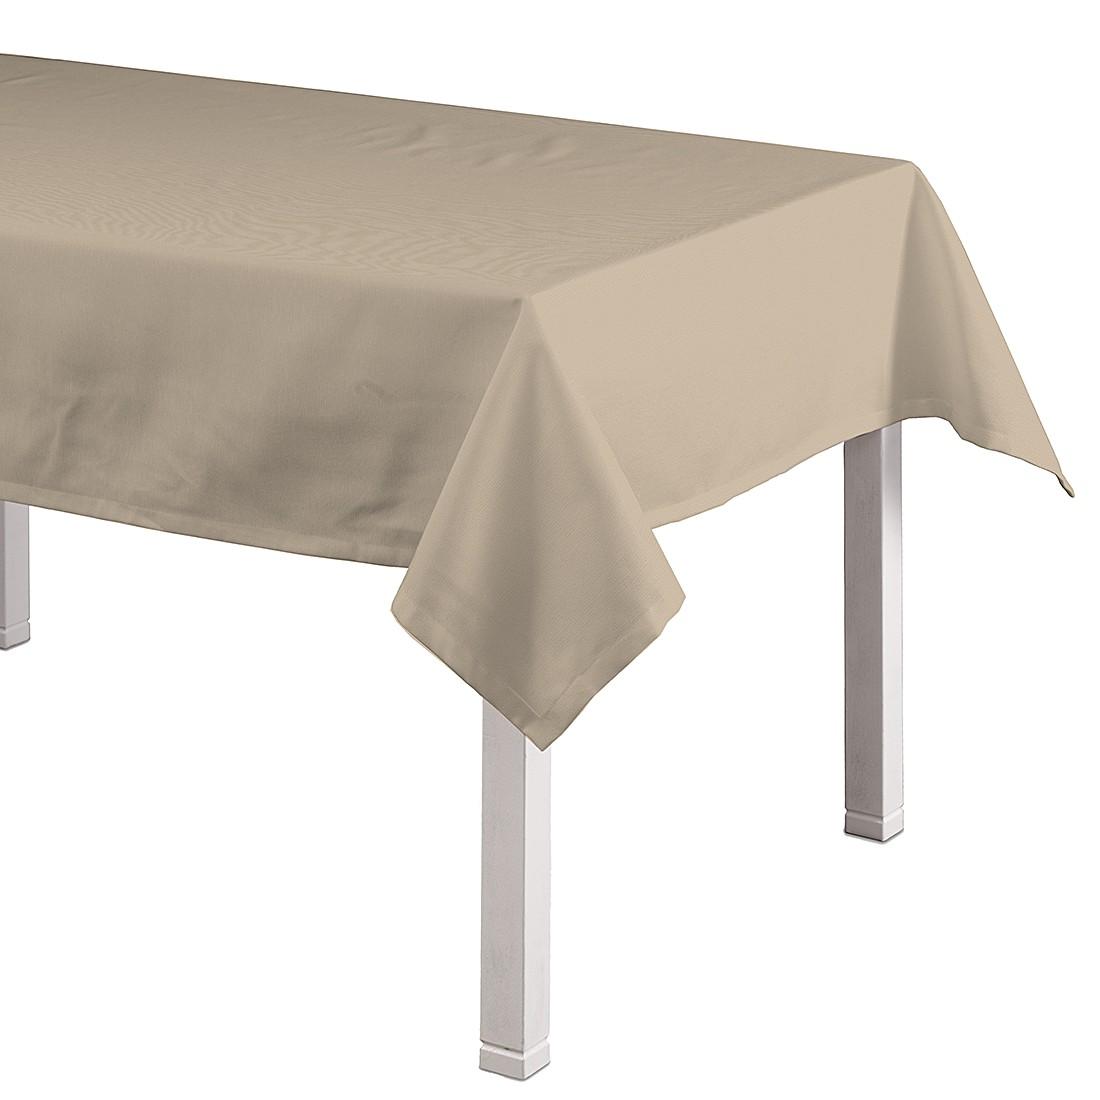 Tischdecke Cotton Panama – Braun – 130 x 280 cm, Dekoria online bestellen